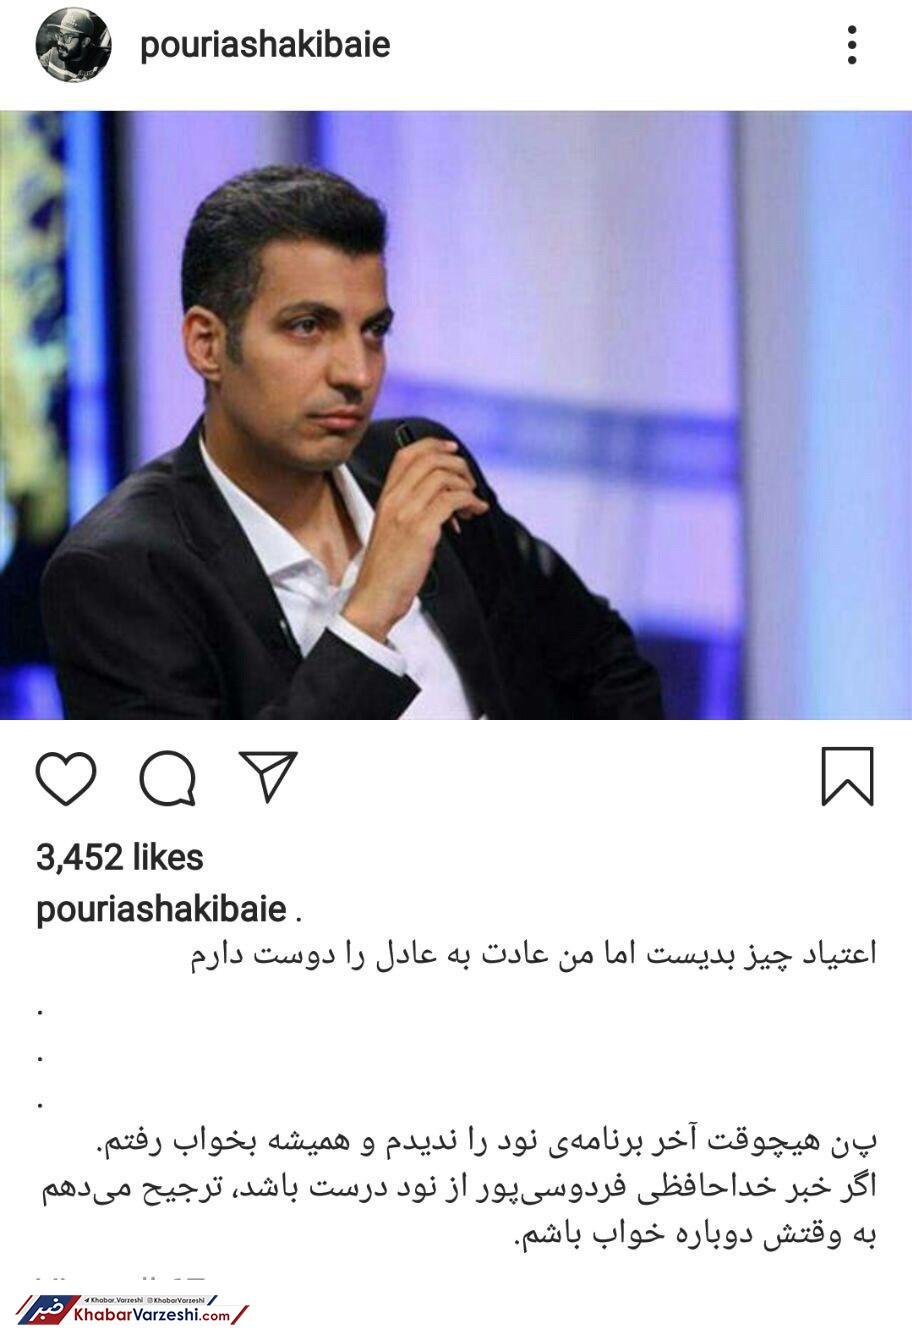 تصاویر  واکنشها به پروژه حذف عادل فردوسی پور